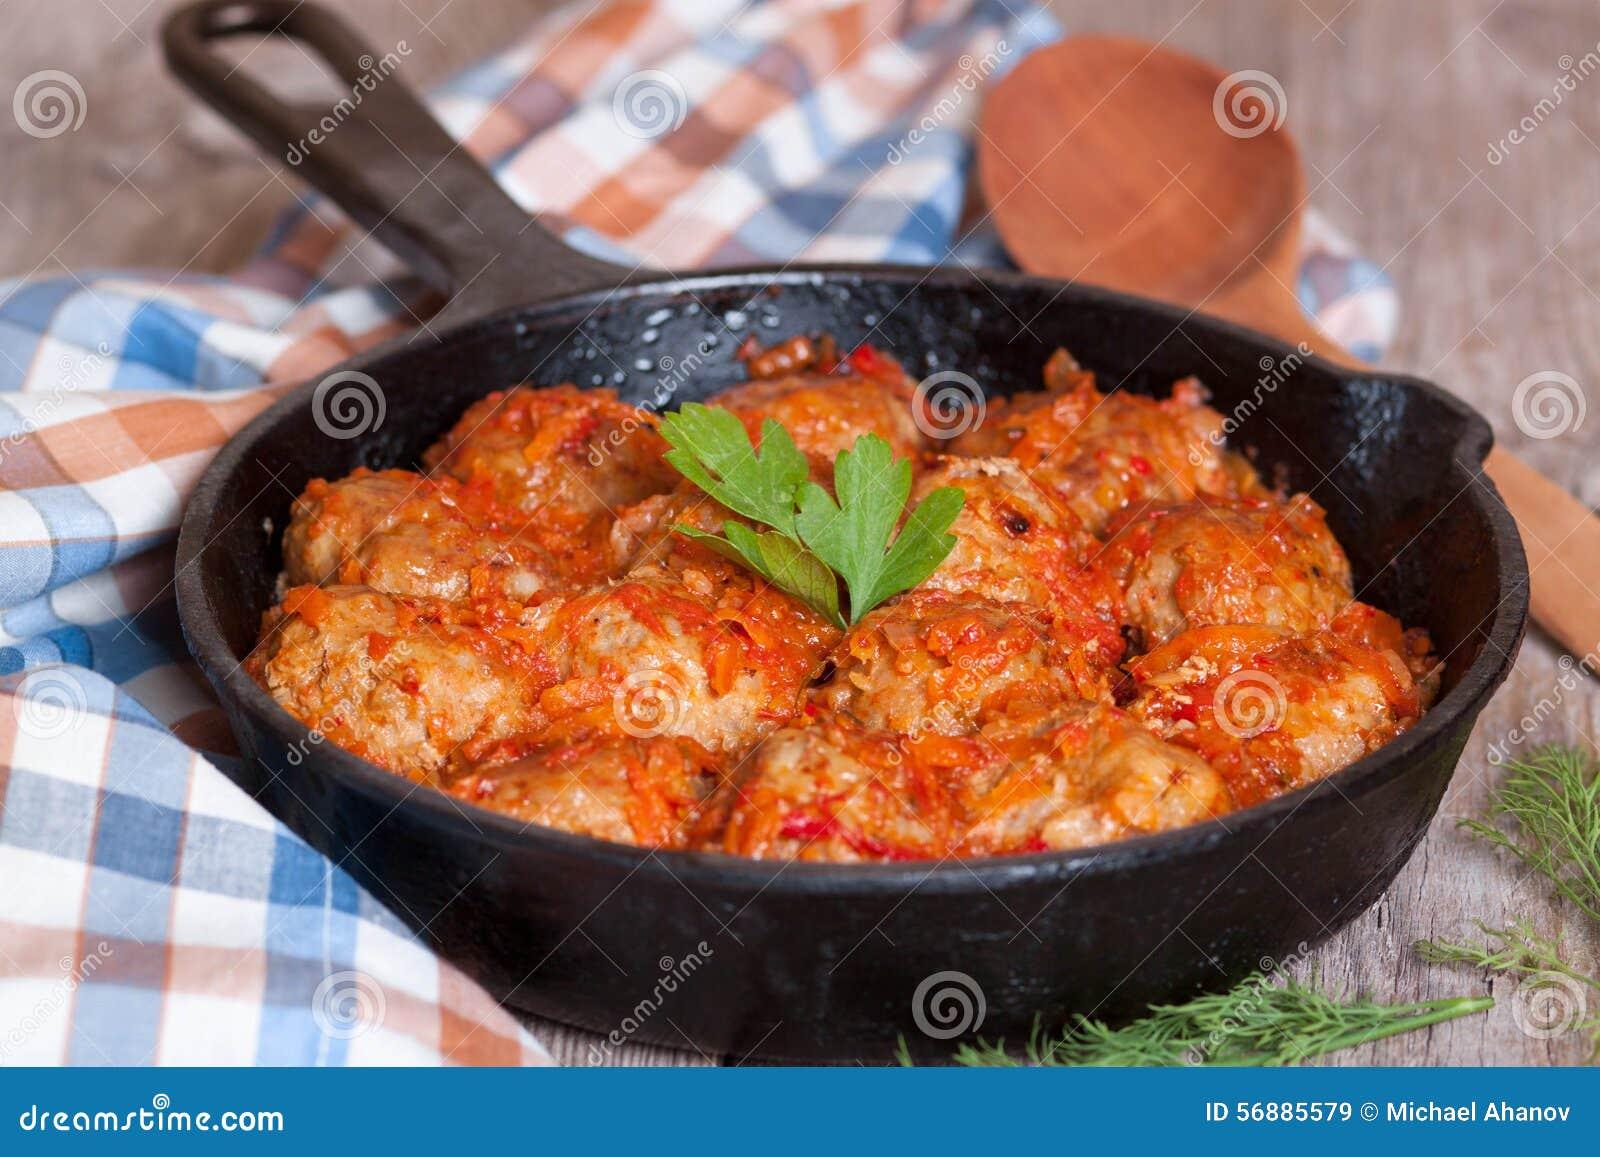 Noisettes è stufato nella salsa al pomodoro in una padella